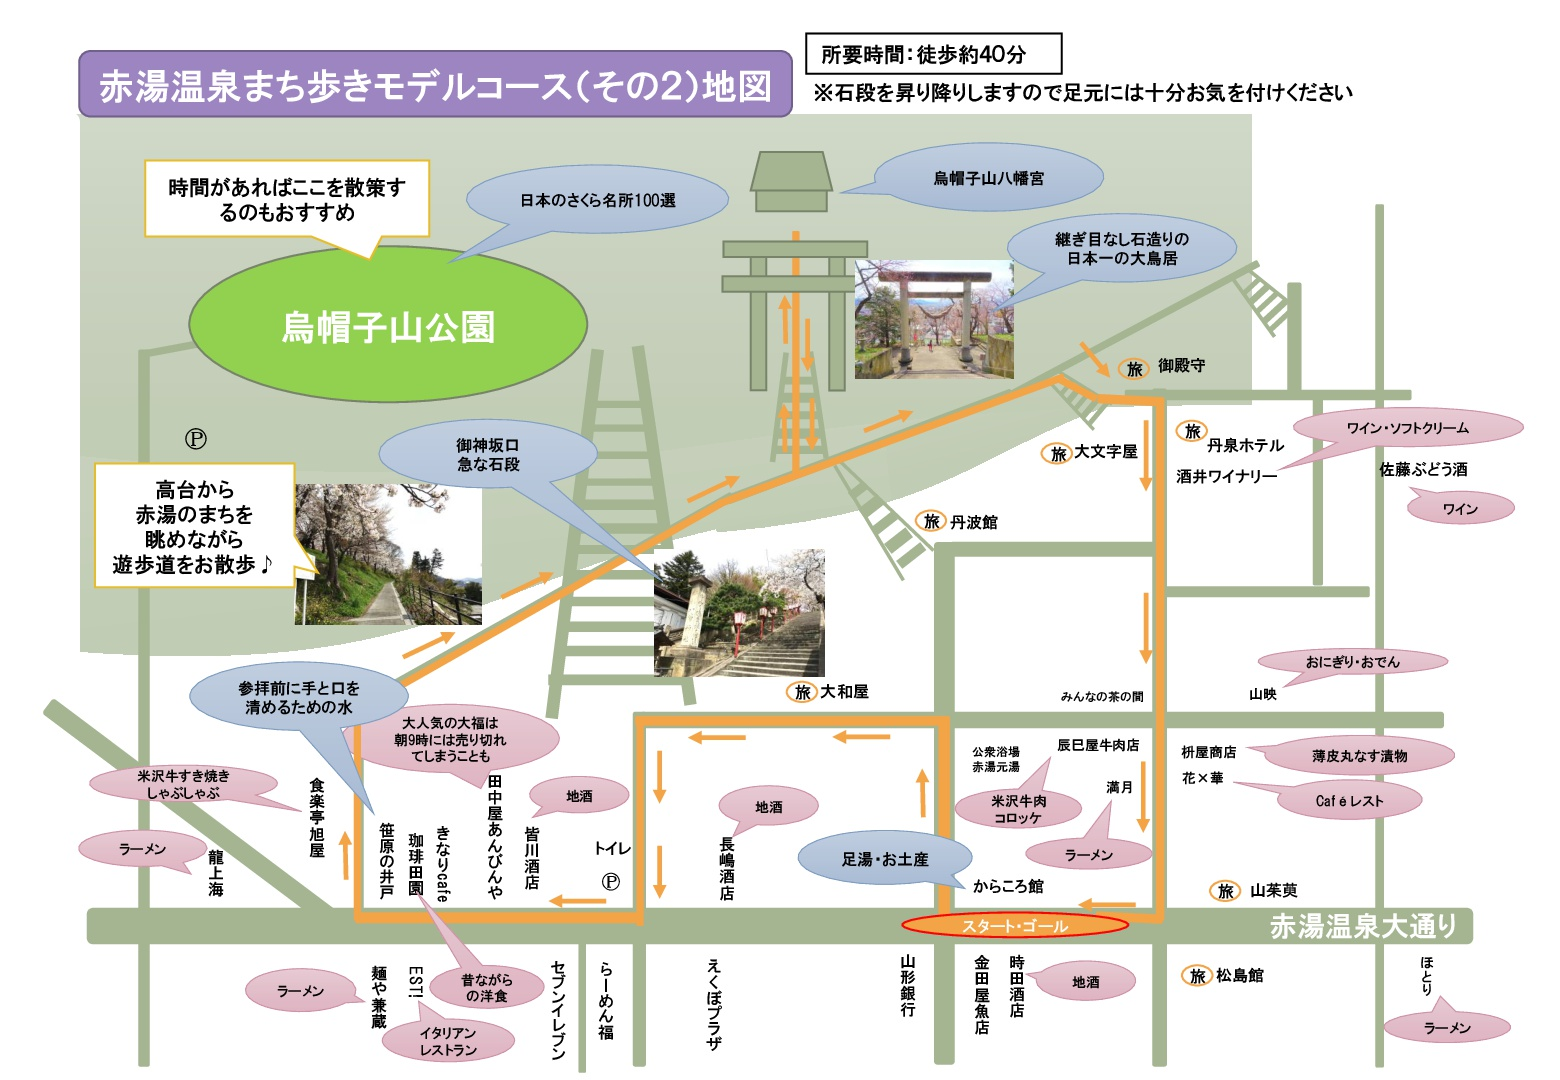 赤湯温泉まち歩きモデルコース(その2)地図